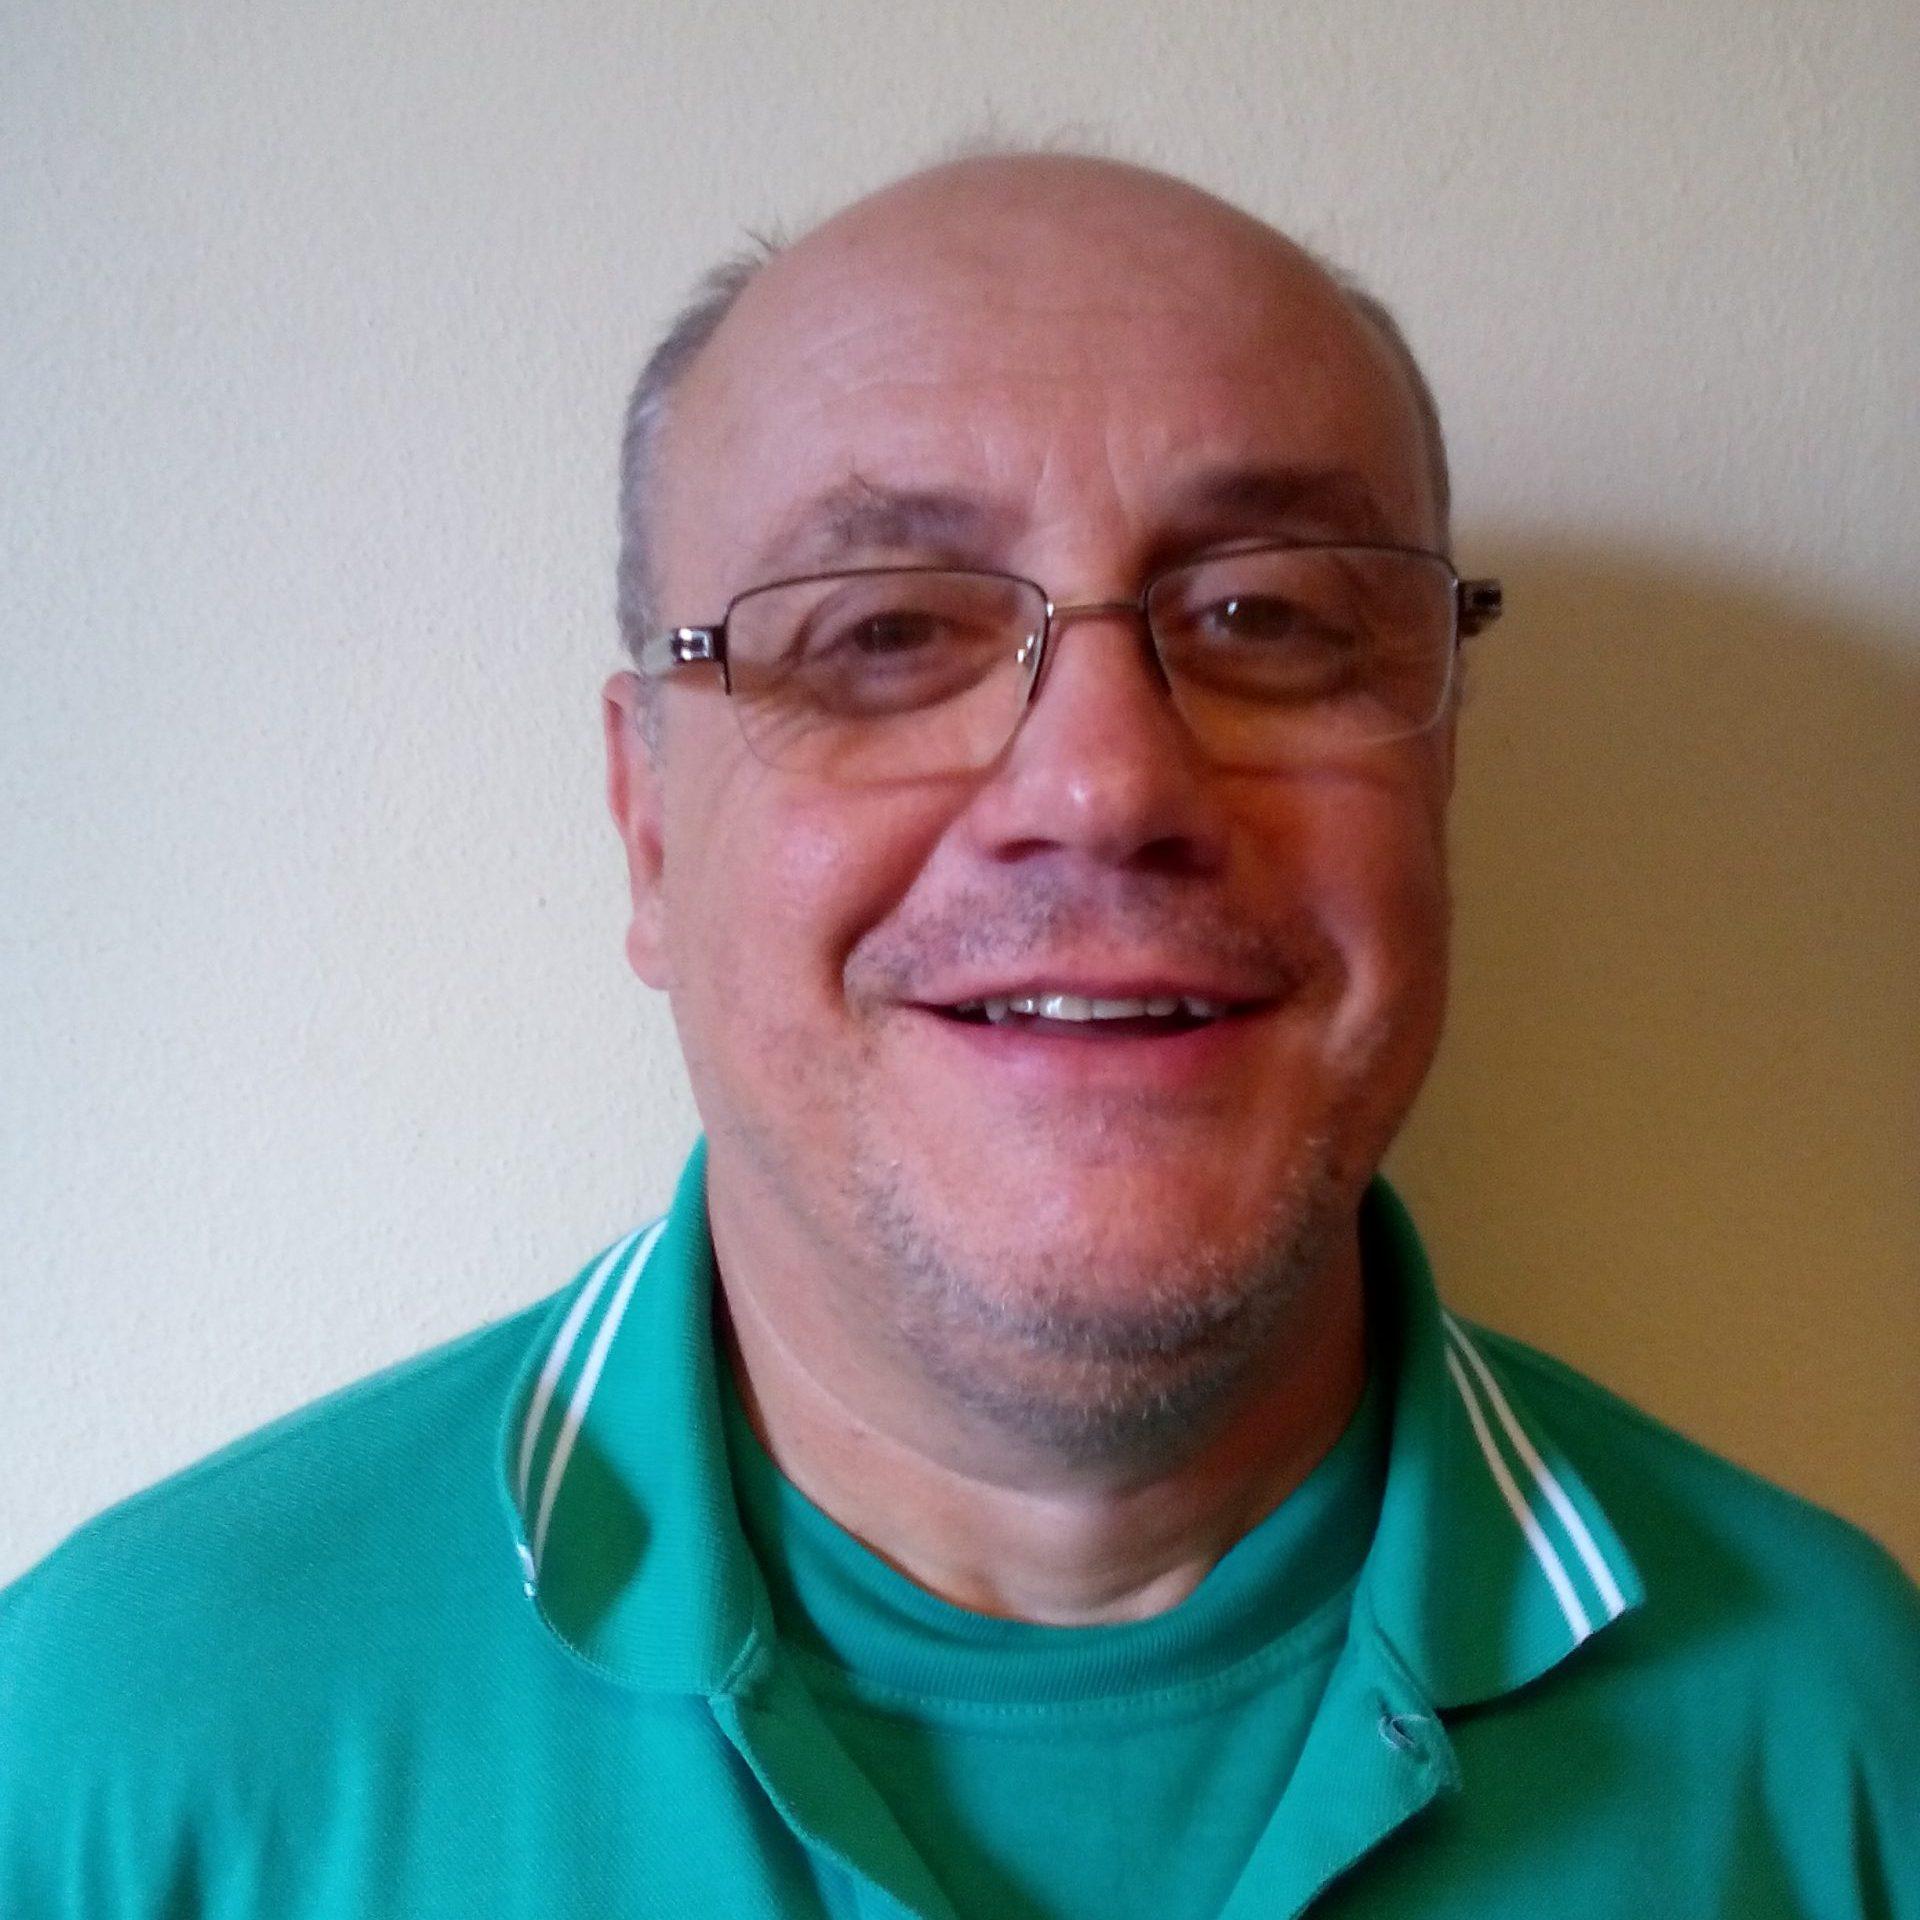 Gianni Tinarelli